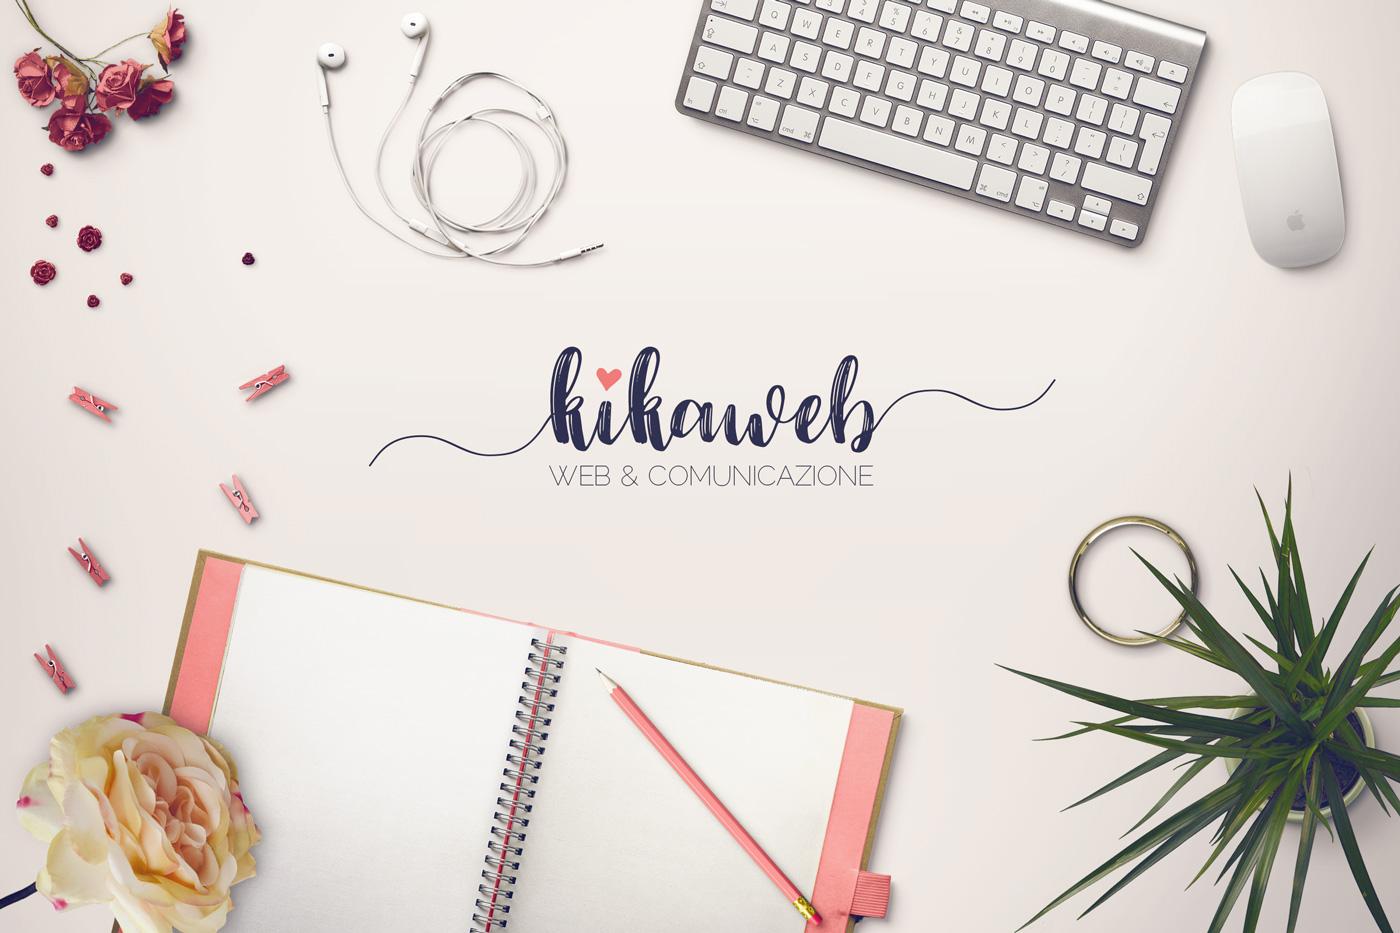 Scrivania con logo Kikaweb